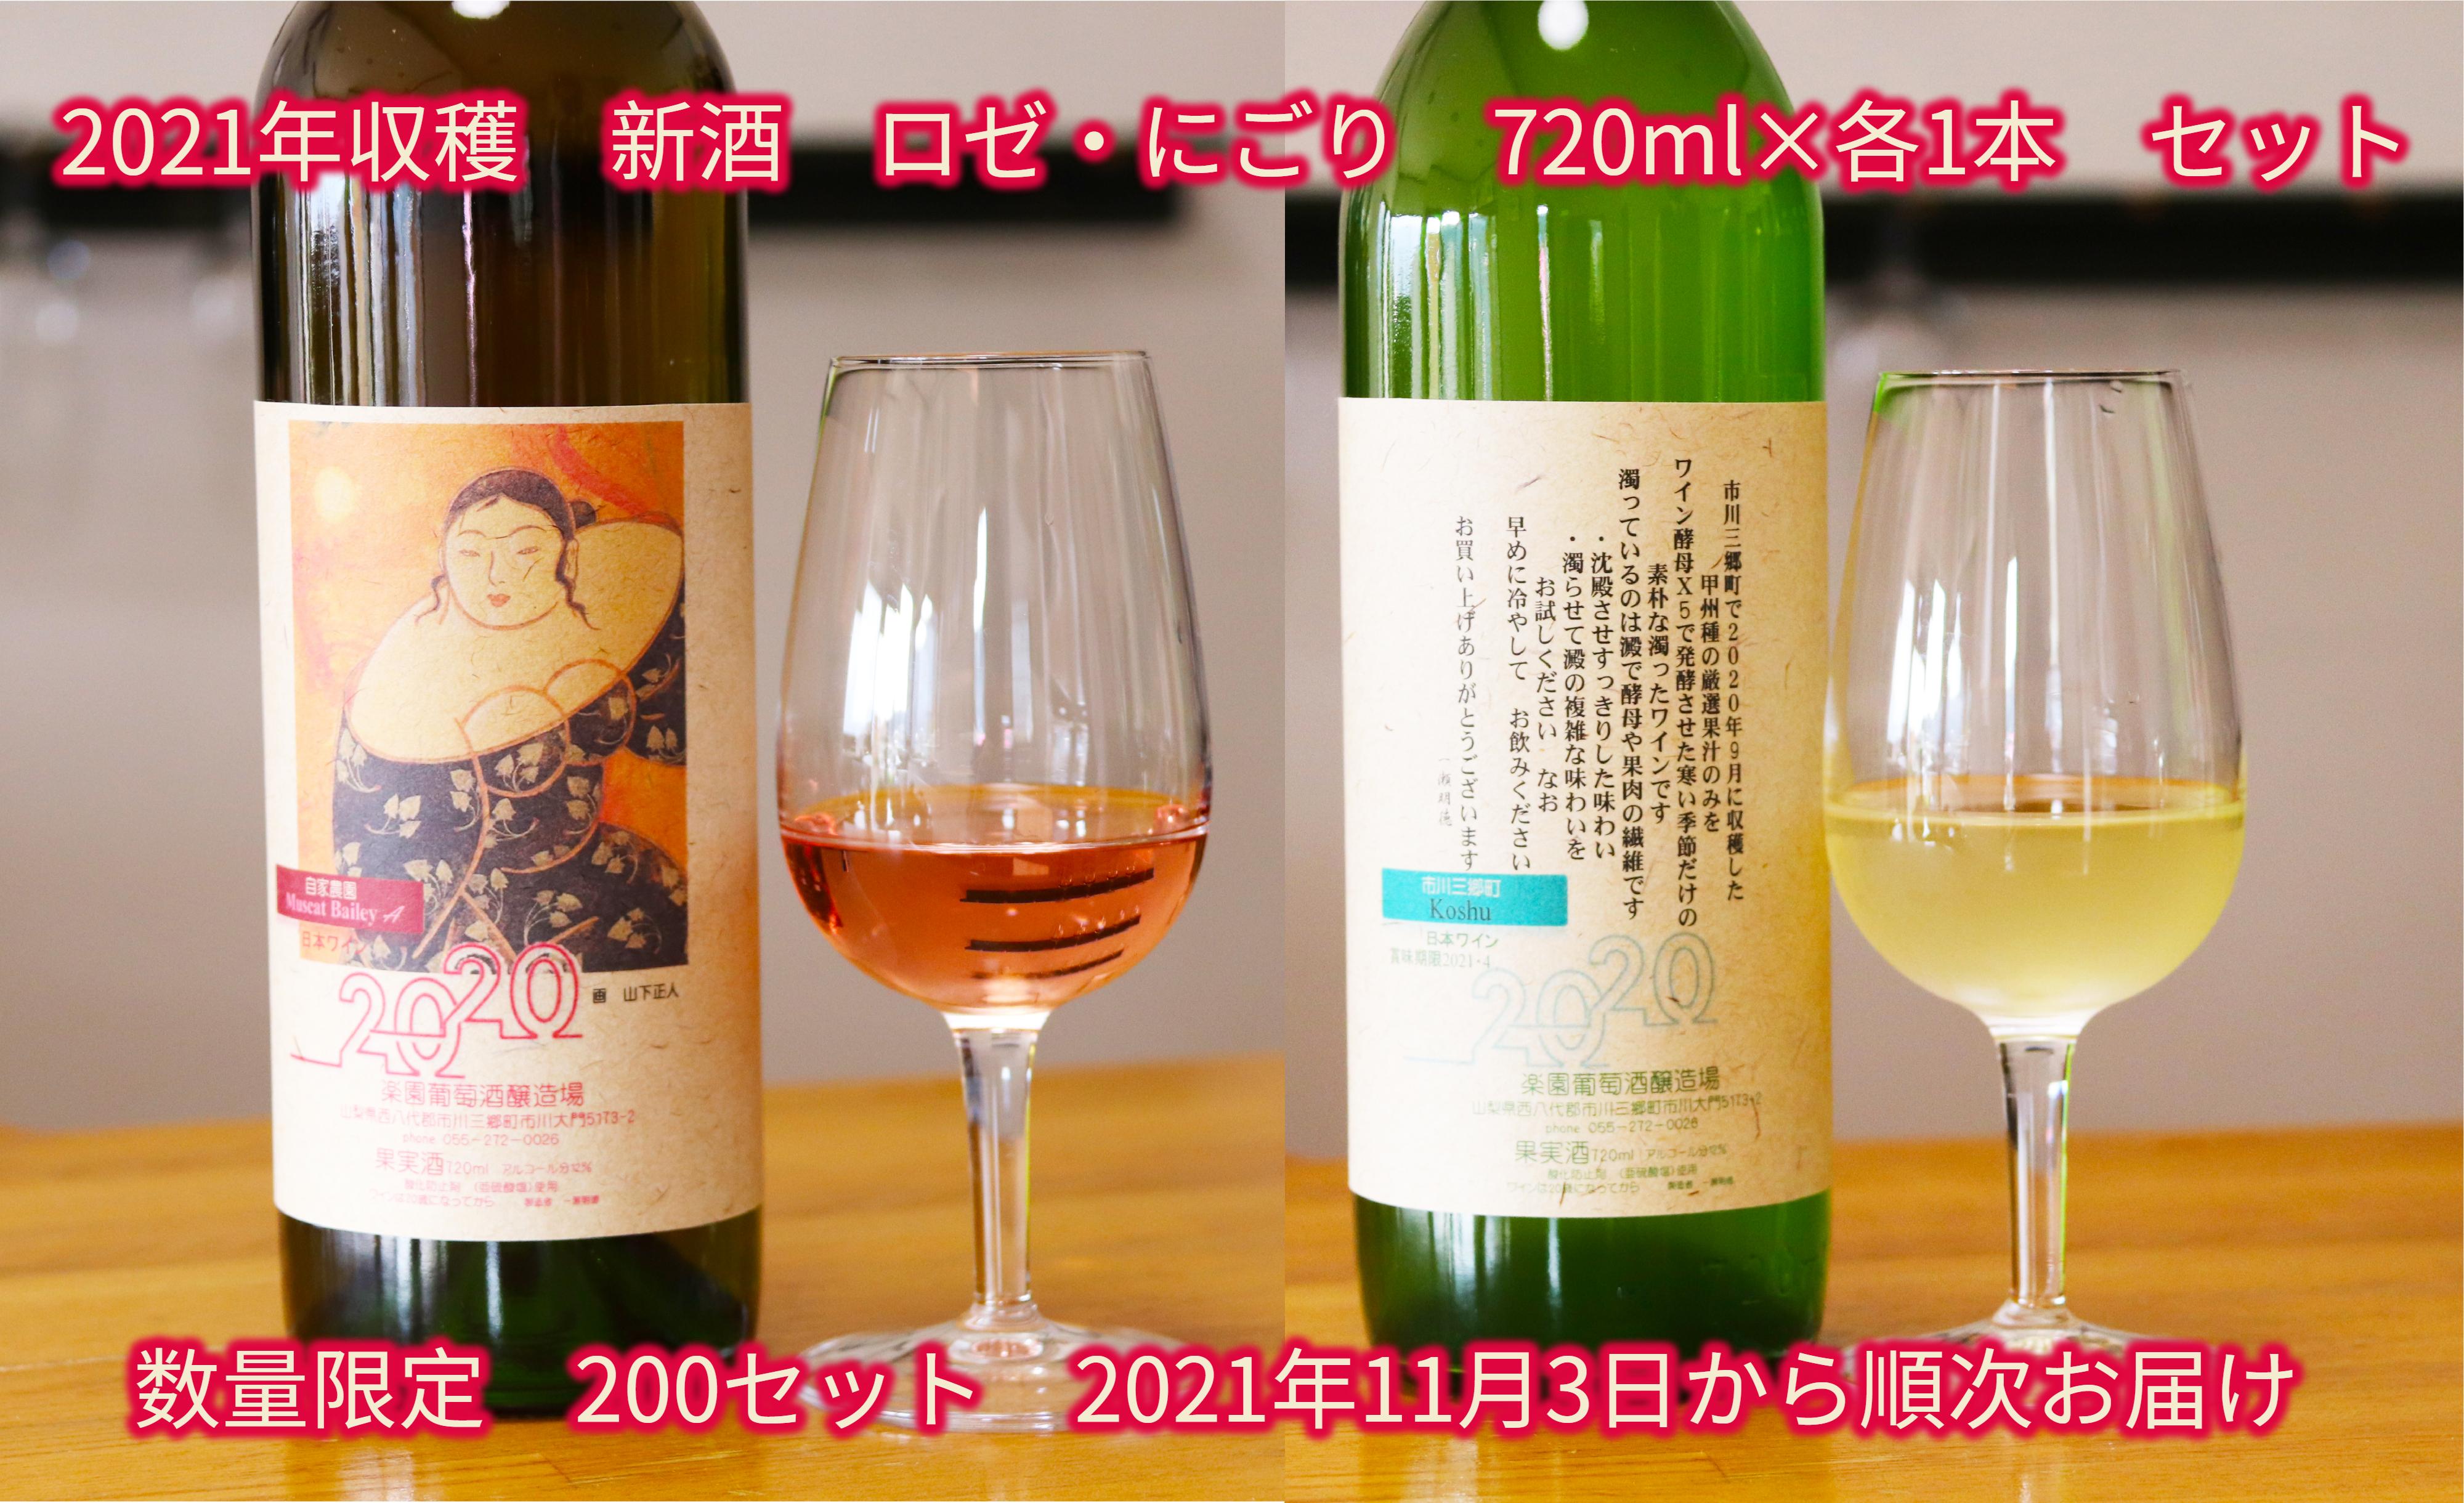 [5839-1462]【200セット限定】2021年収穫 新酒ワイン ロゼ・にごり 720ml×各1本セット